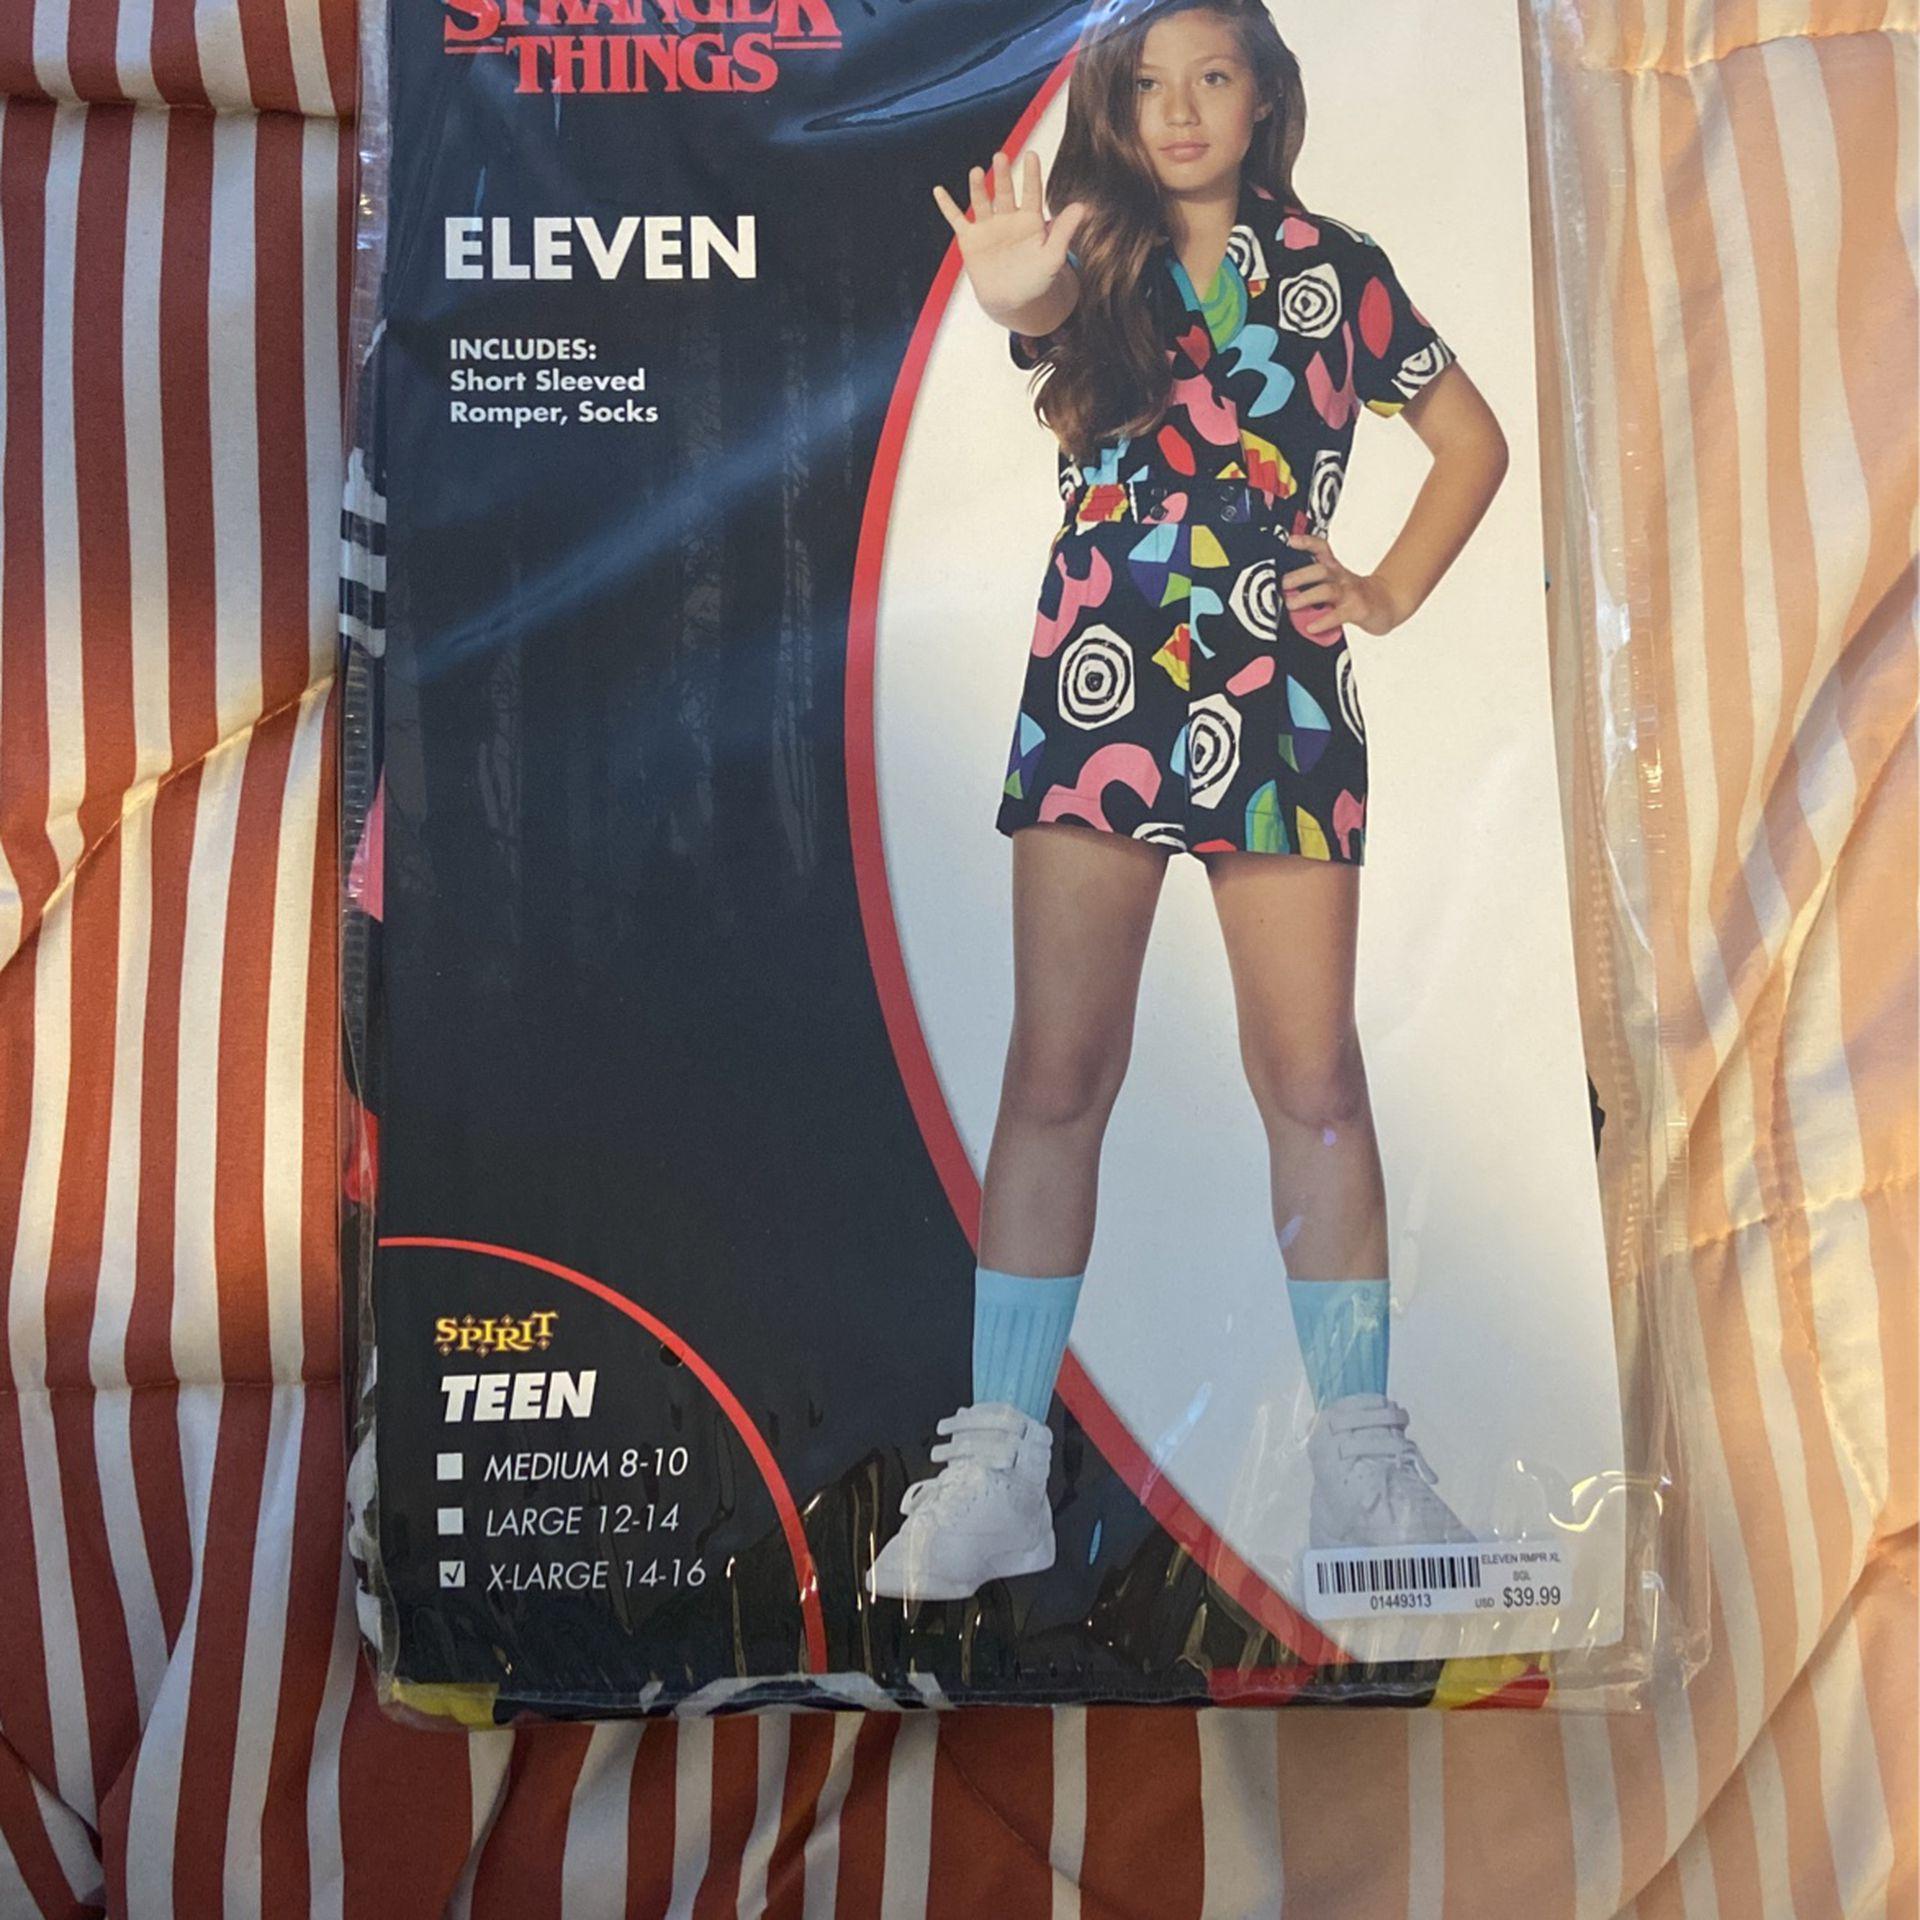 Eleven Stranger Things Costume